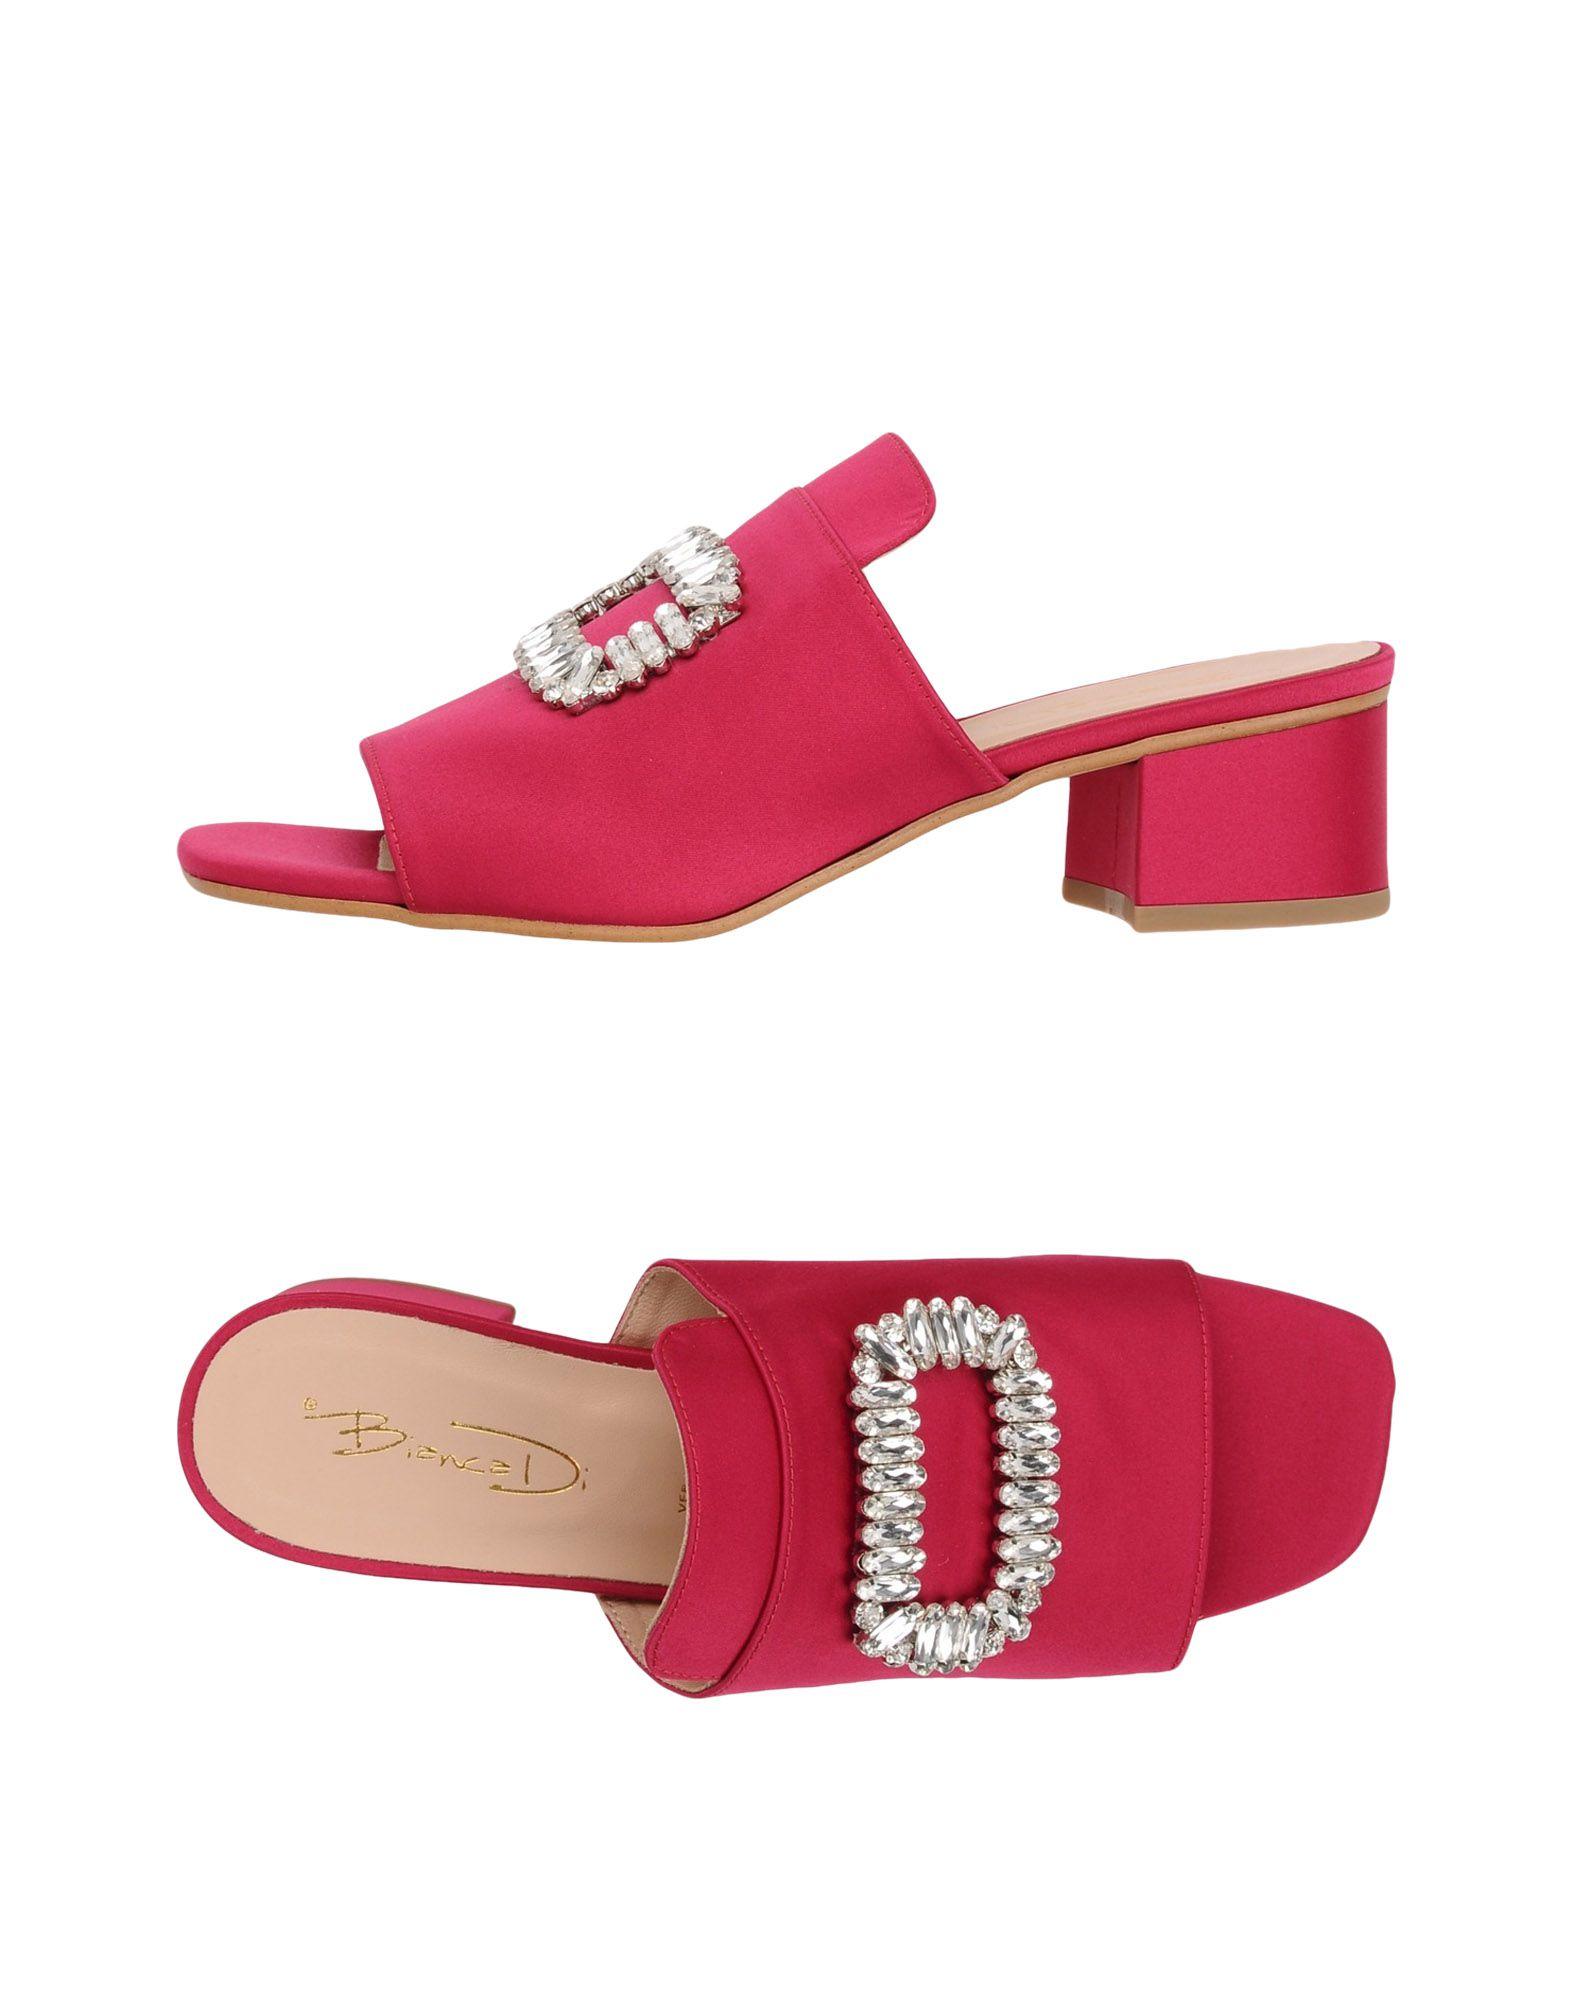 Bianca Di Sandalen Damen  11440898EK Gute Qualität beliebte Schuhe